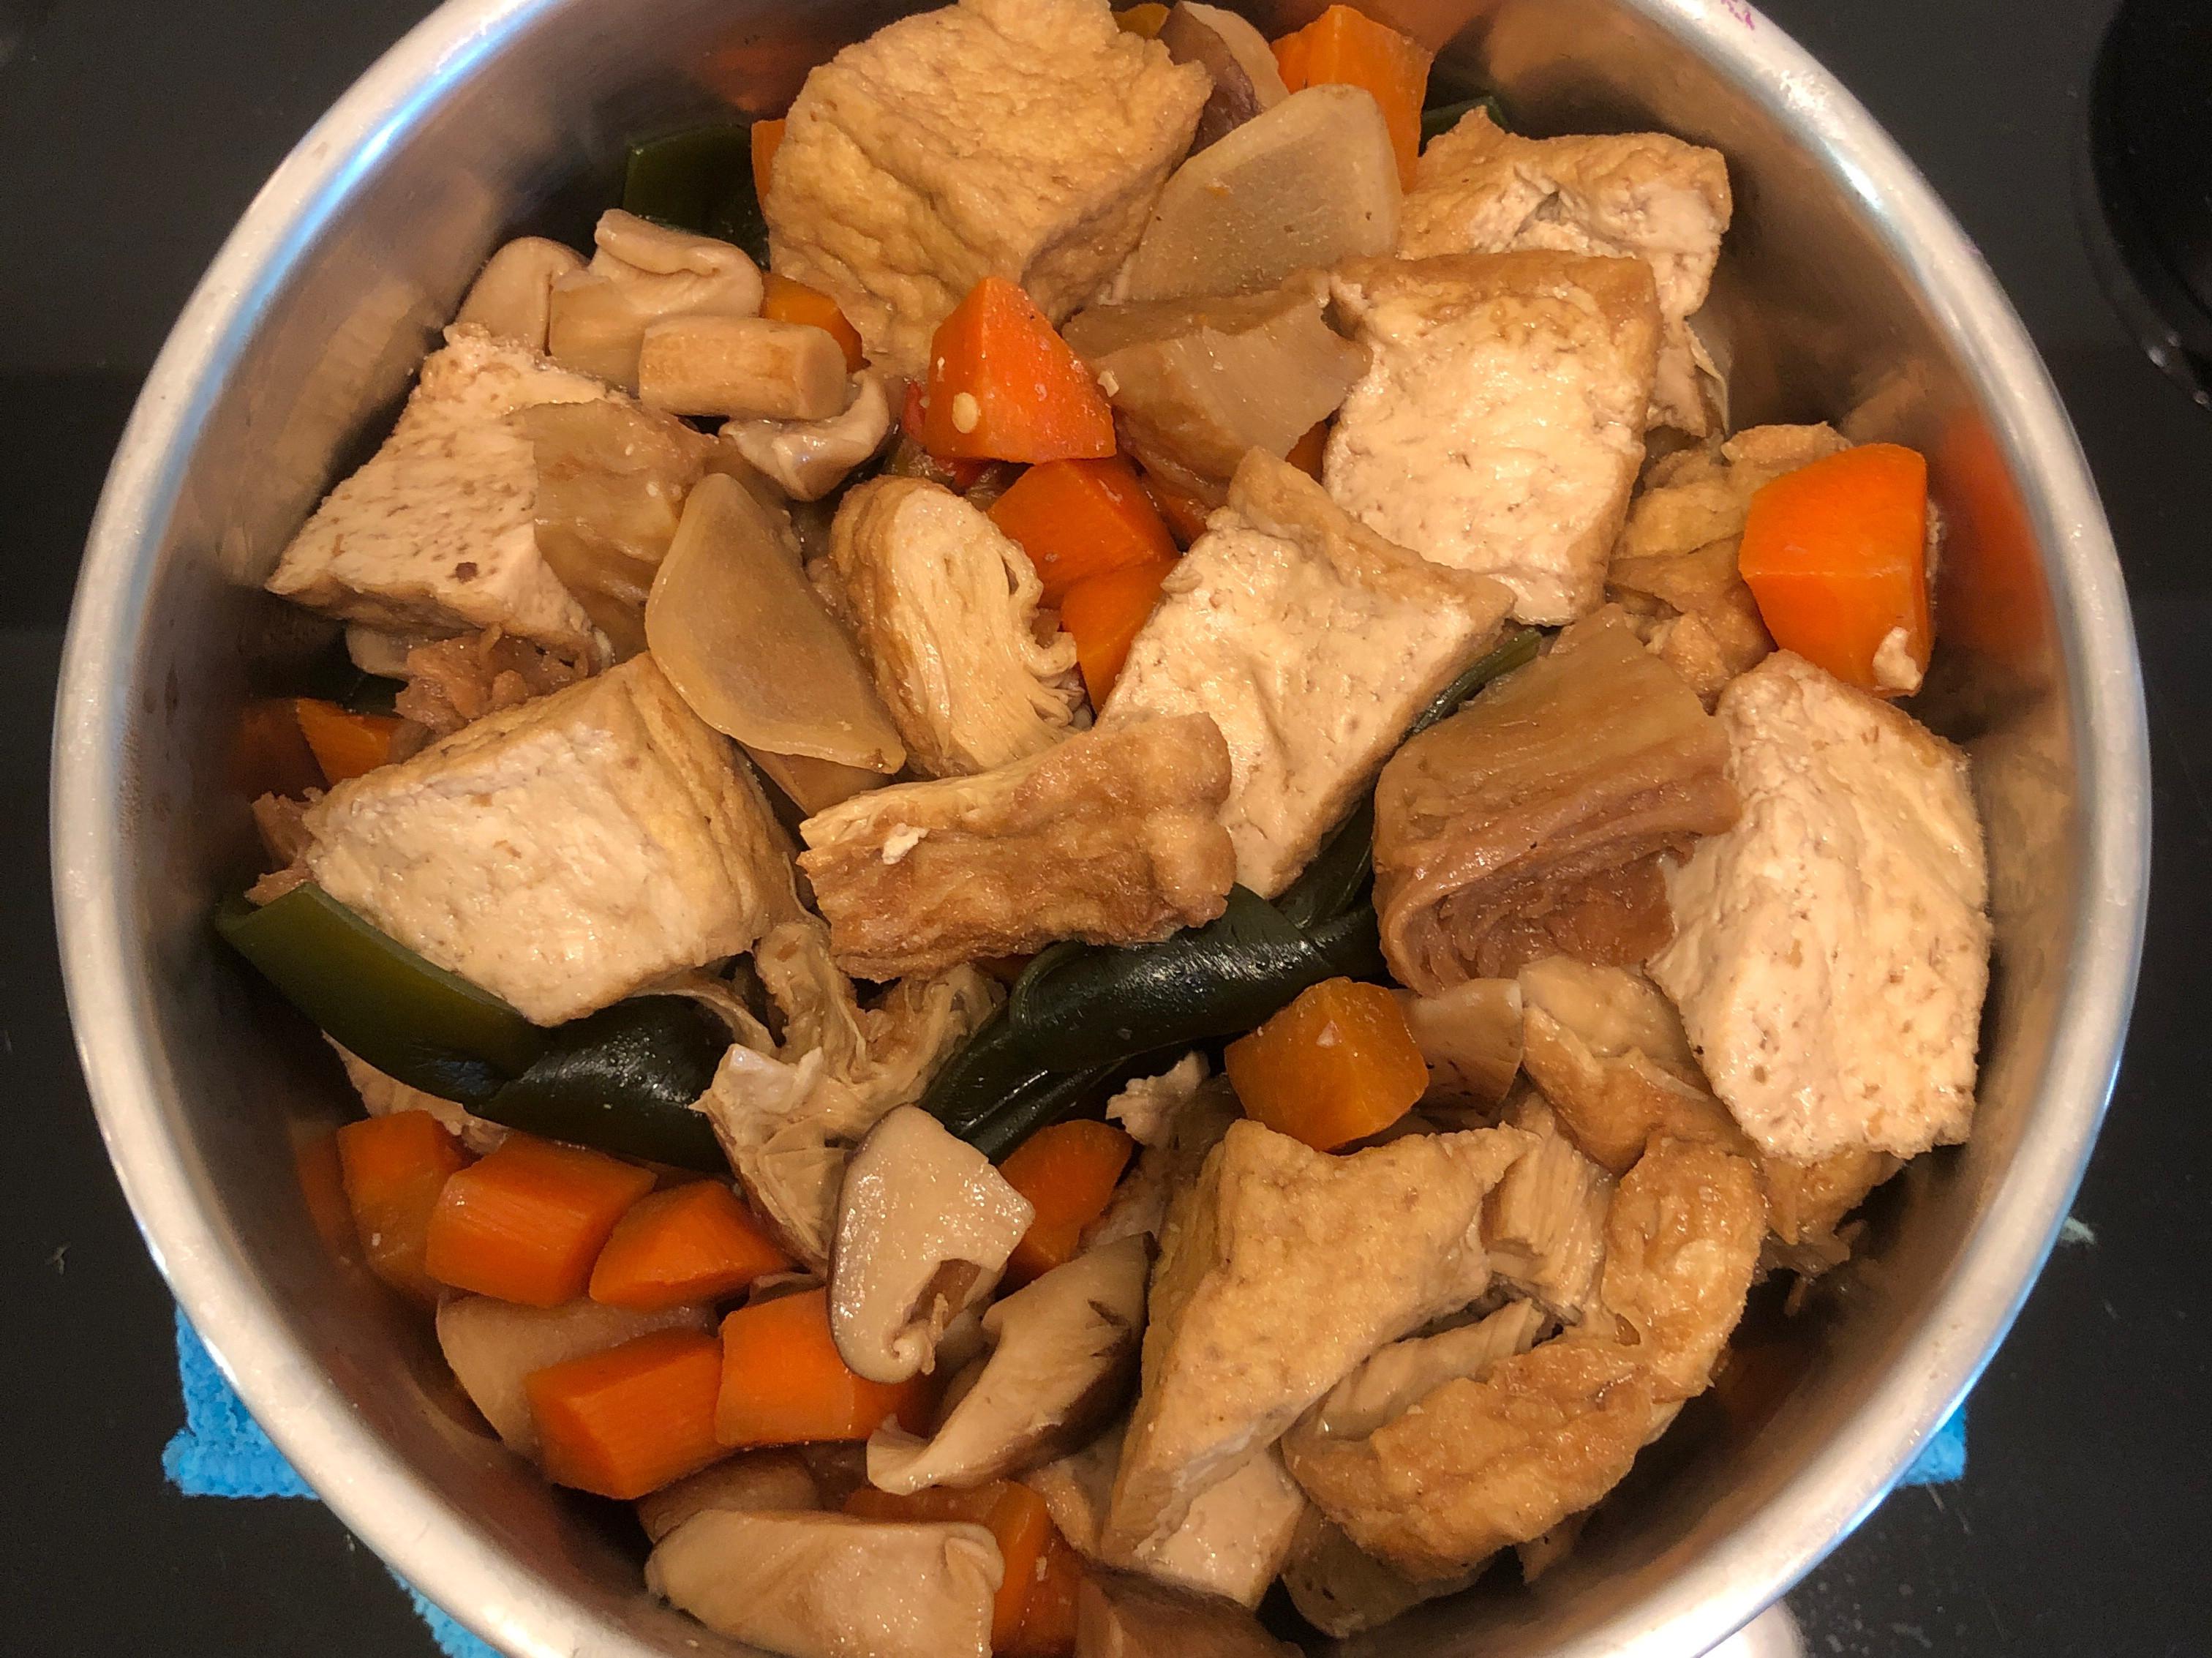 蛋白質滿分的魯蔬食,初一十五也能吃喔